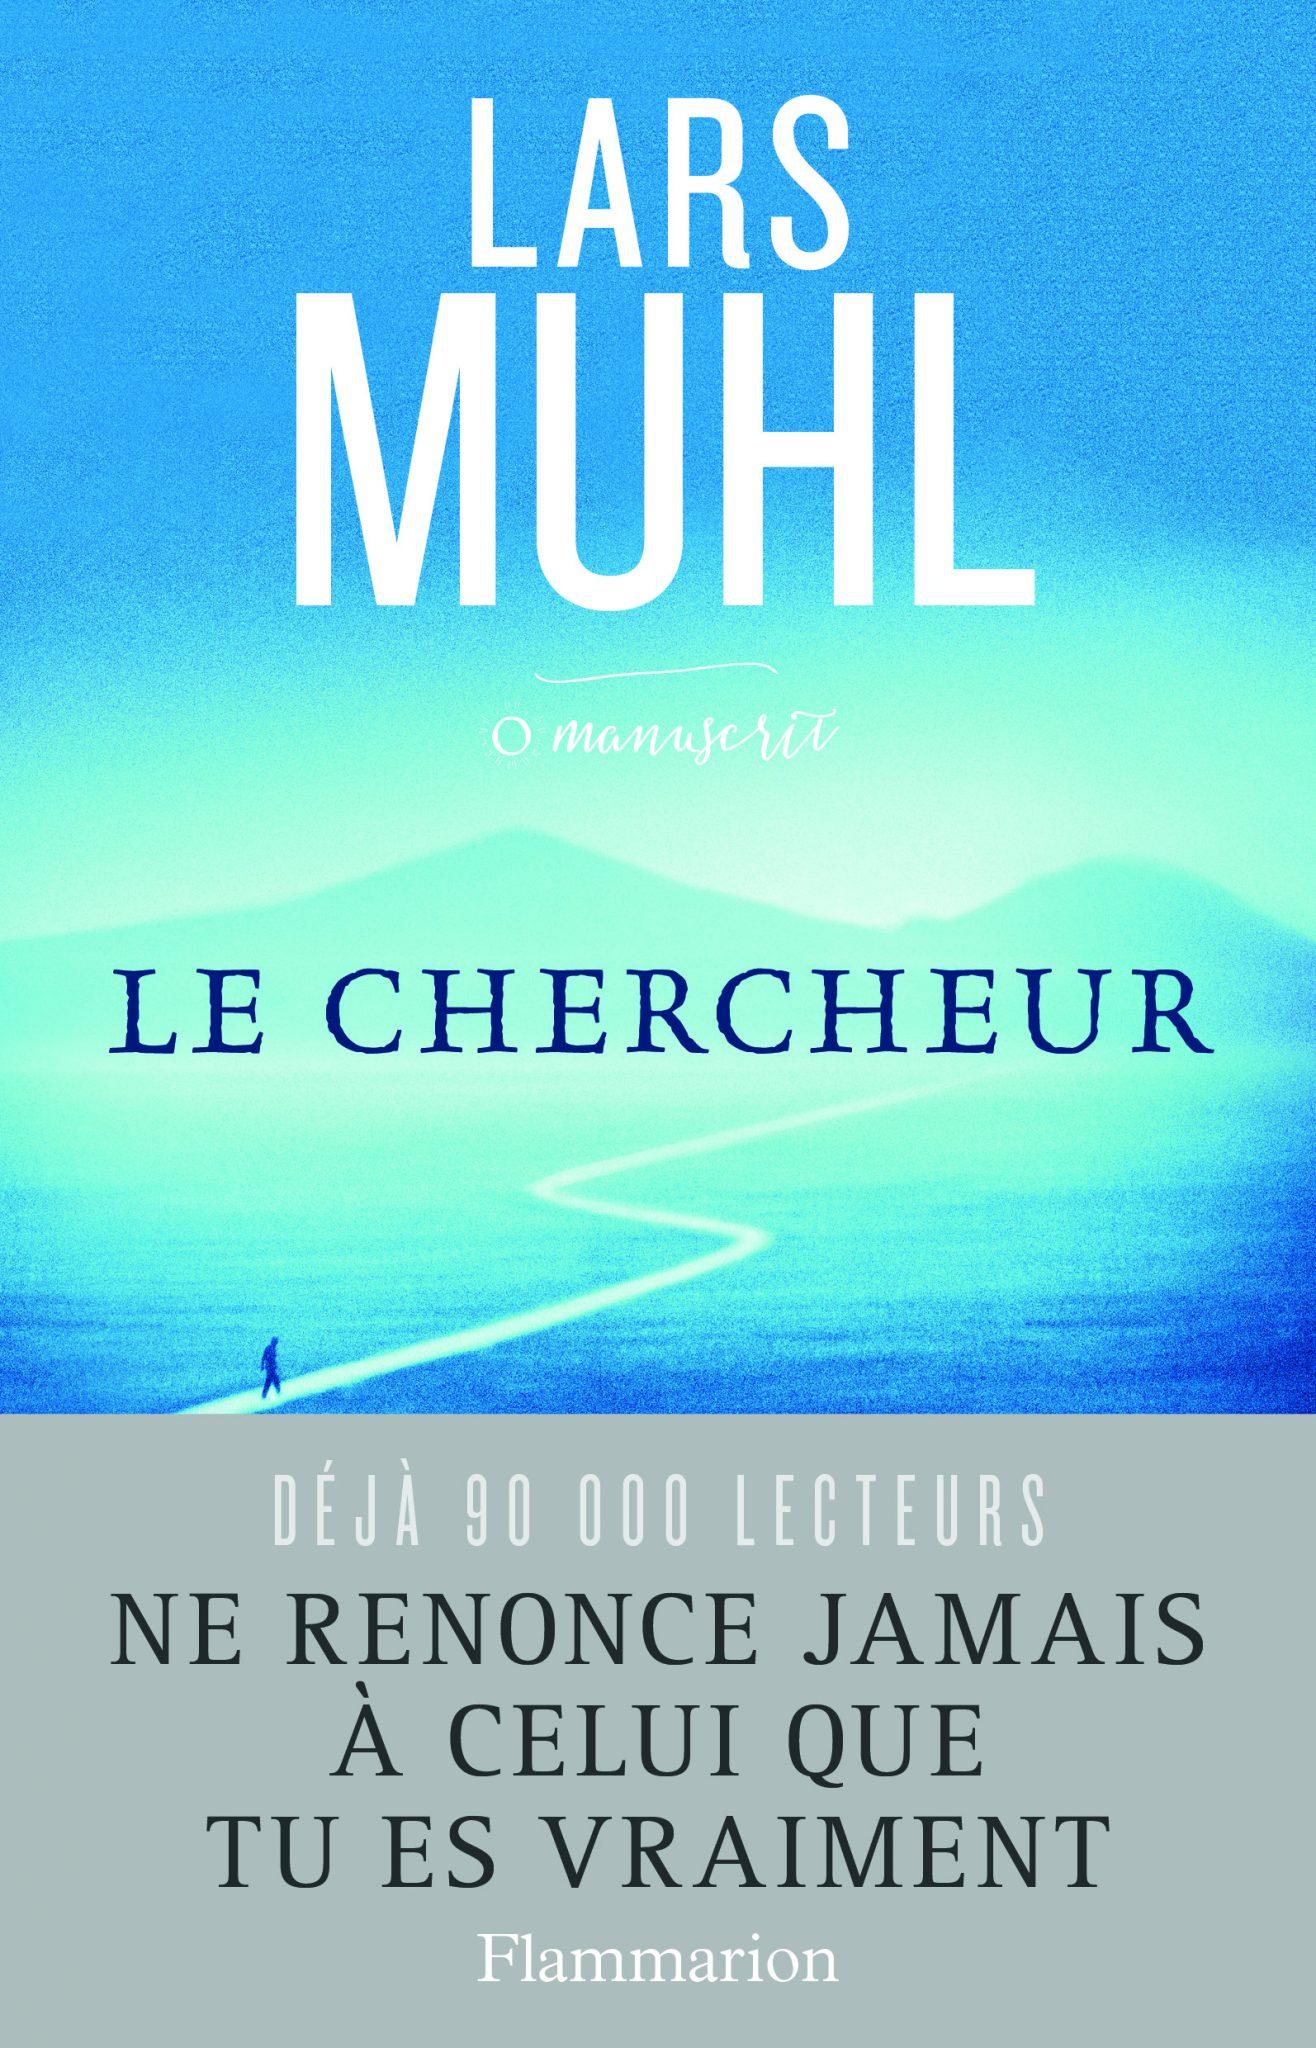 Le Chercheur. LARS MUHL